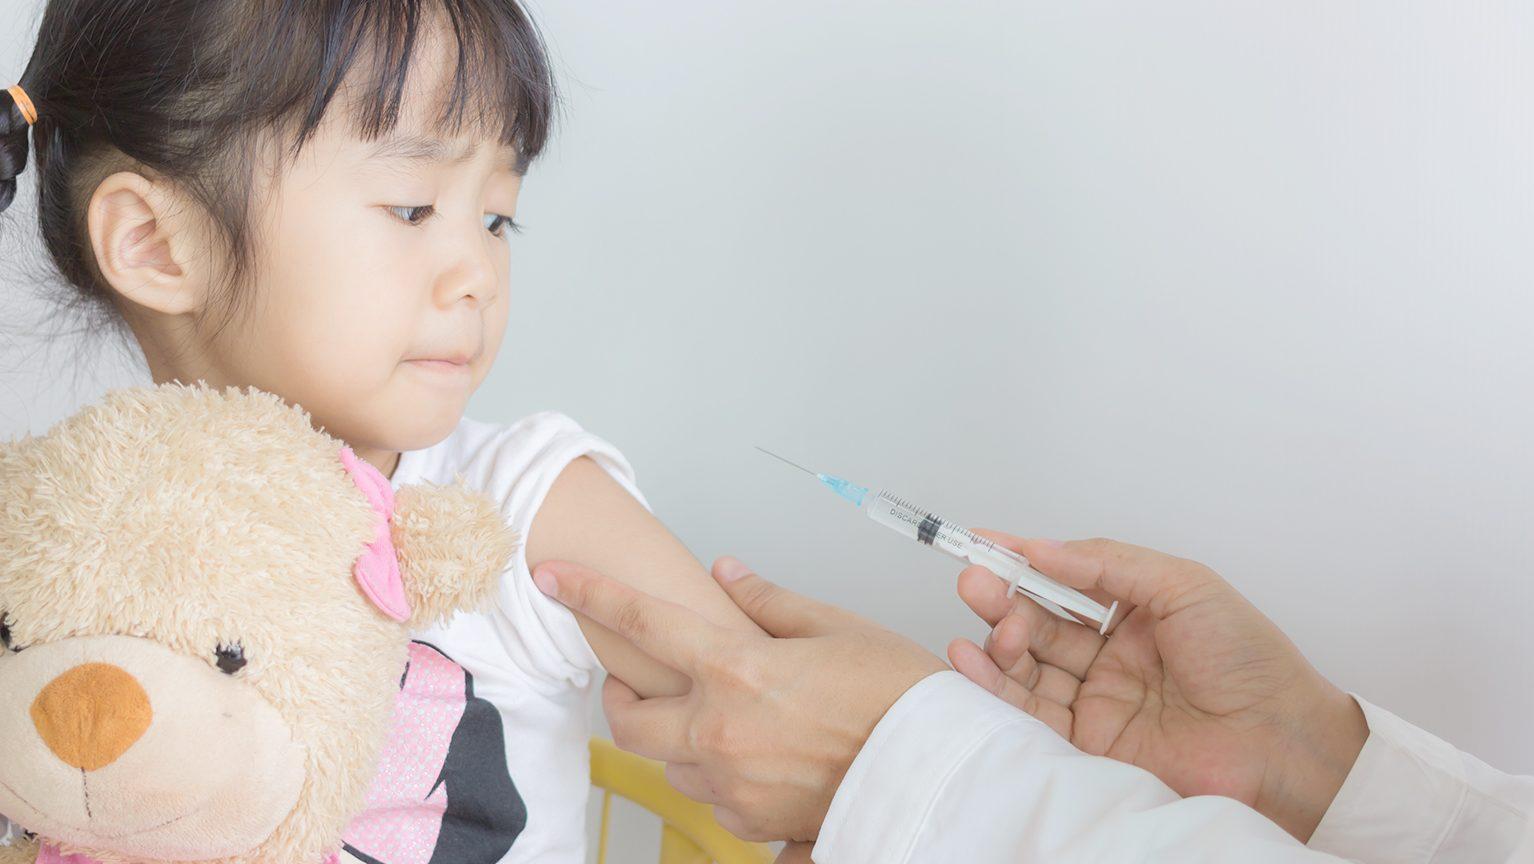 注射をされる女の子